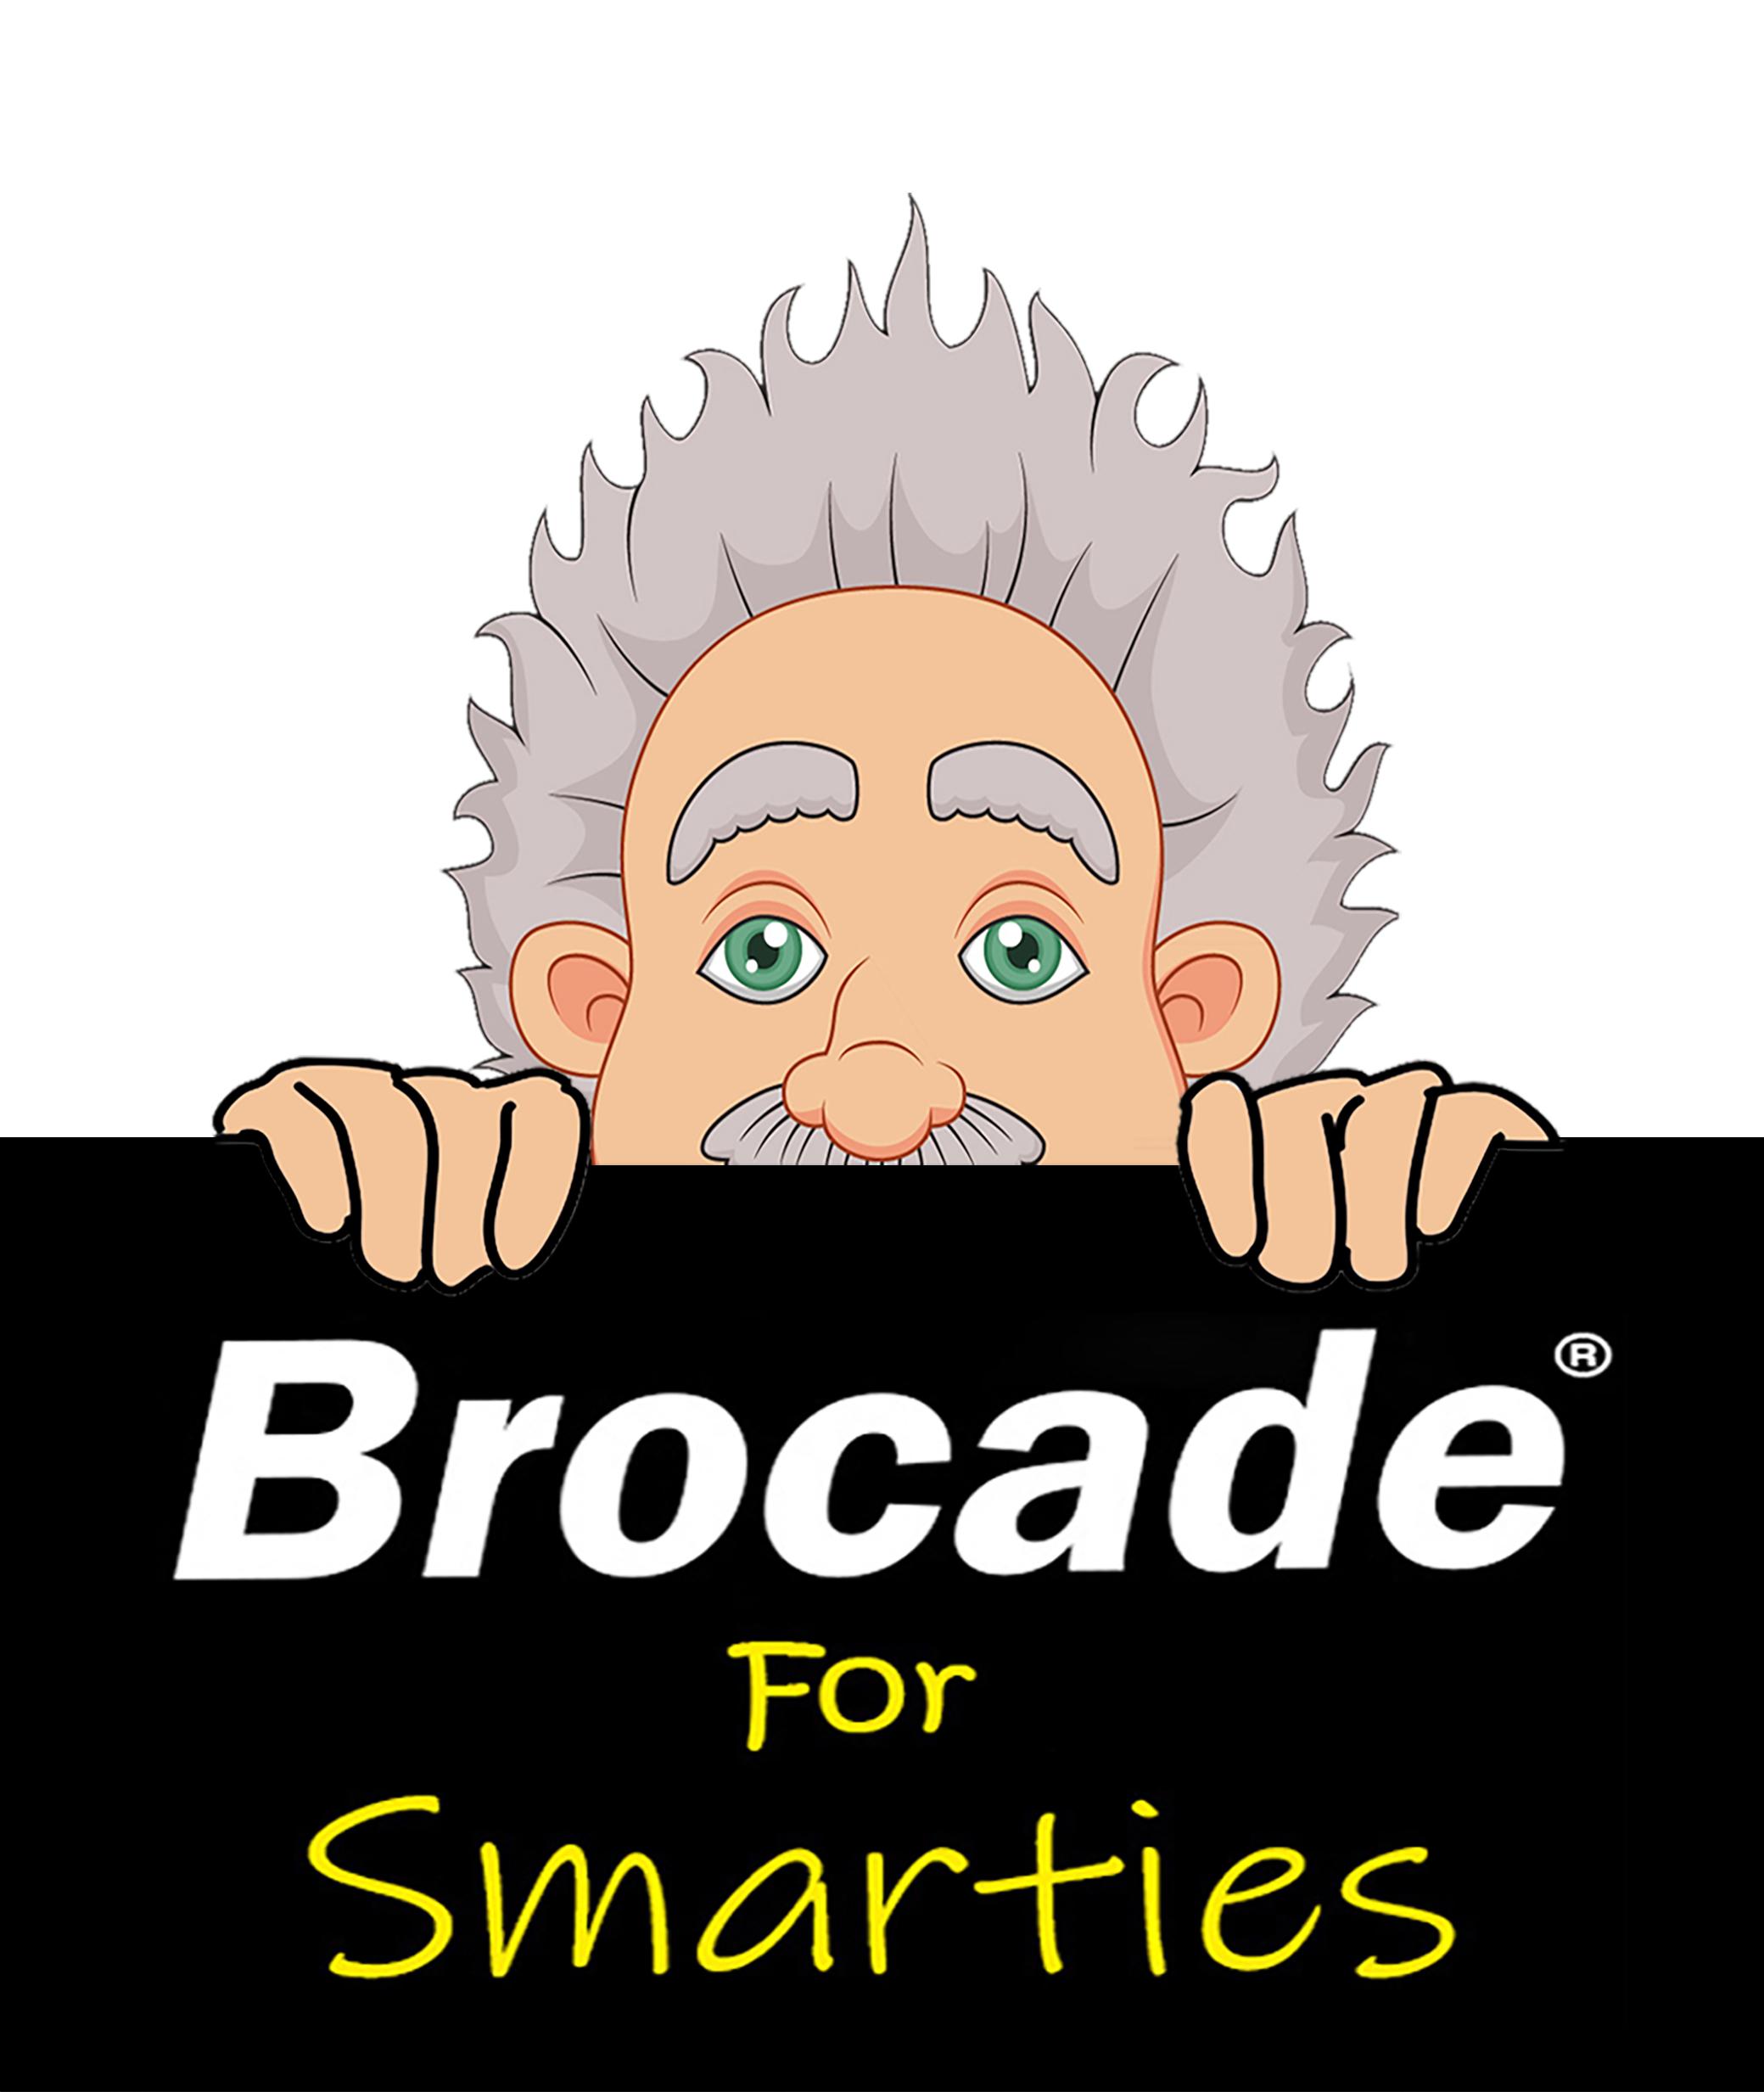 Brocade For Smarties